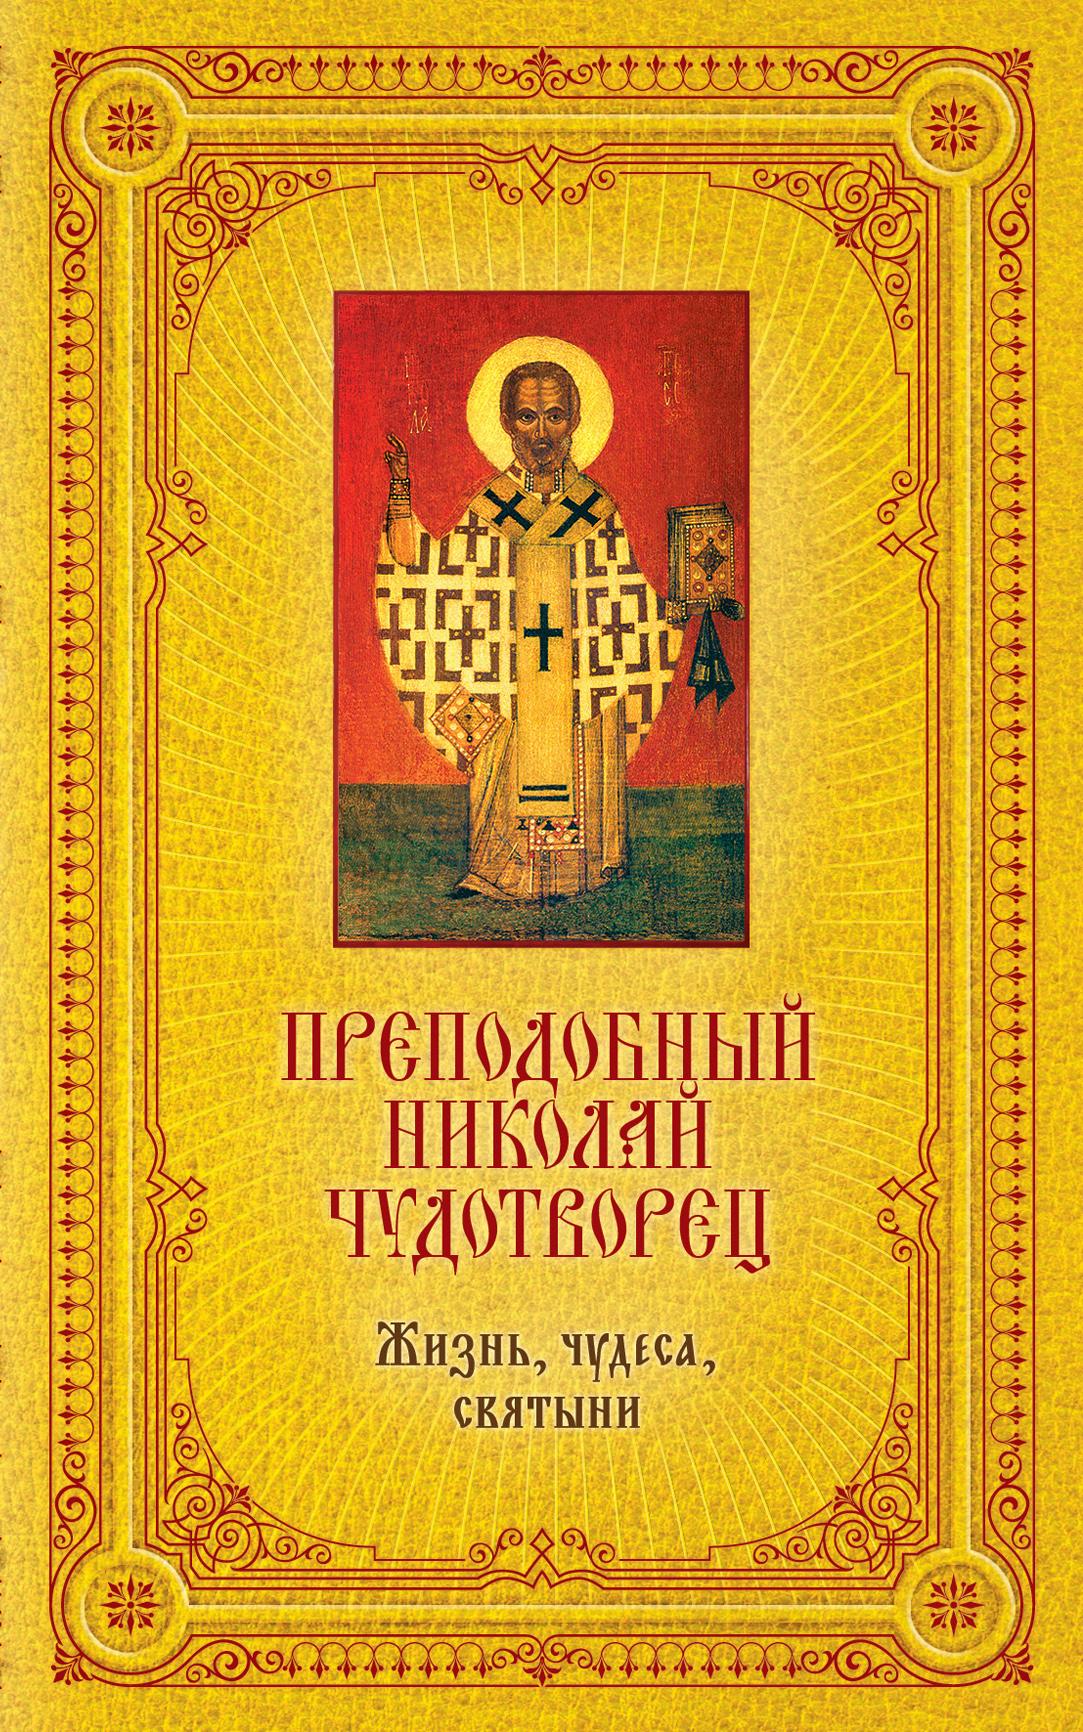 Святитель Николай Чудотворец: Жизнь, чудеса, святыни